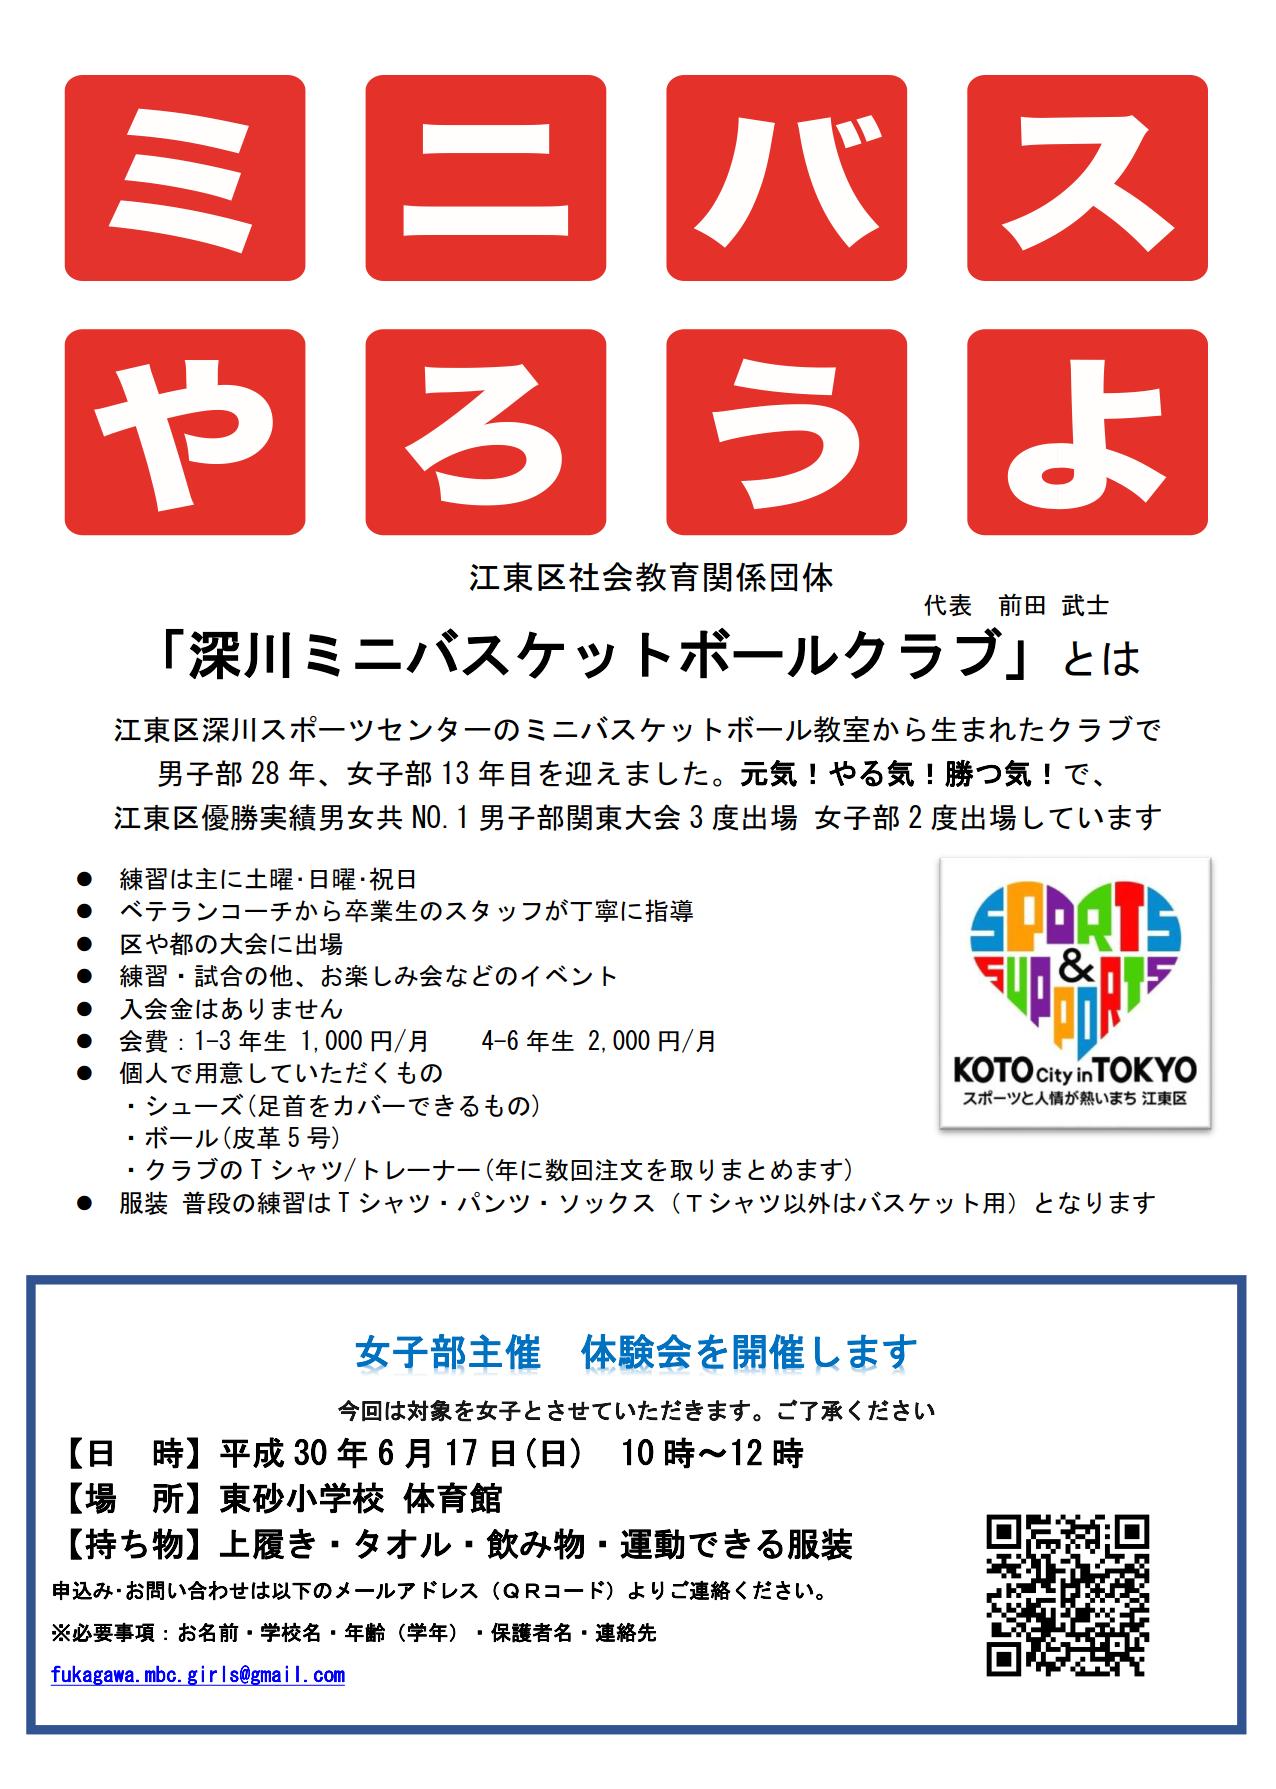 201806体験会チラシ2018.5.10修正①_1